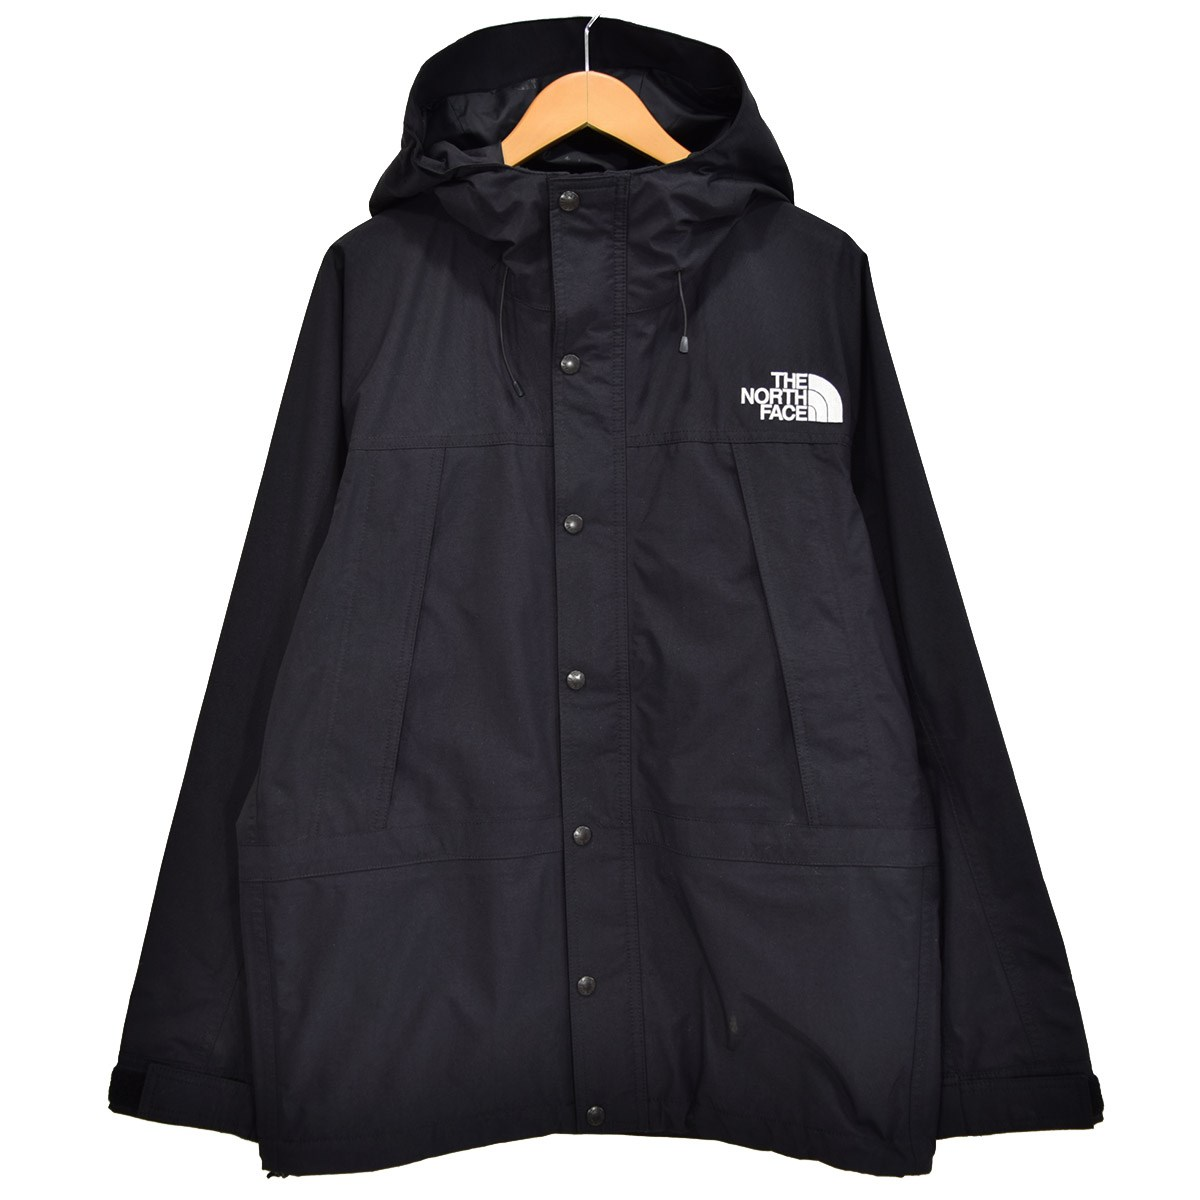 【中古】THE NORTH FACE Mountain Light Jacket ゴアテックスマウンテンパーカー NP11834 ブラック サイズ:L 【090620】(ザノースフェイス)